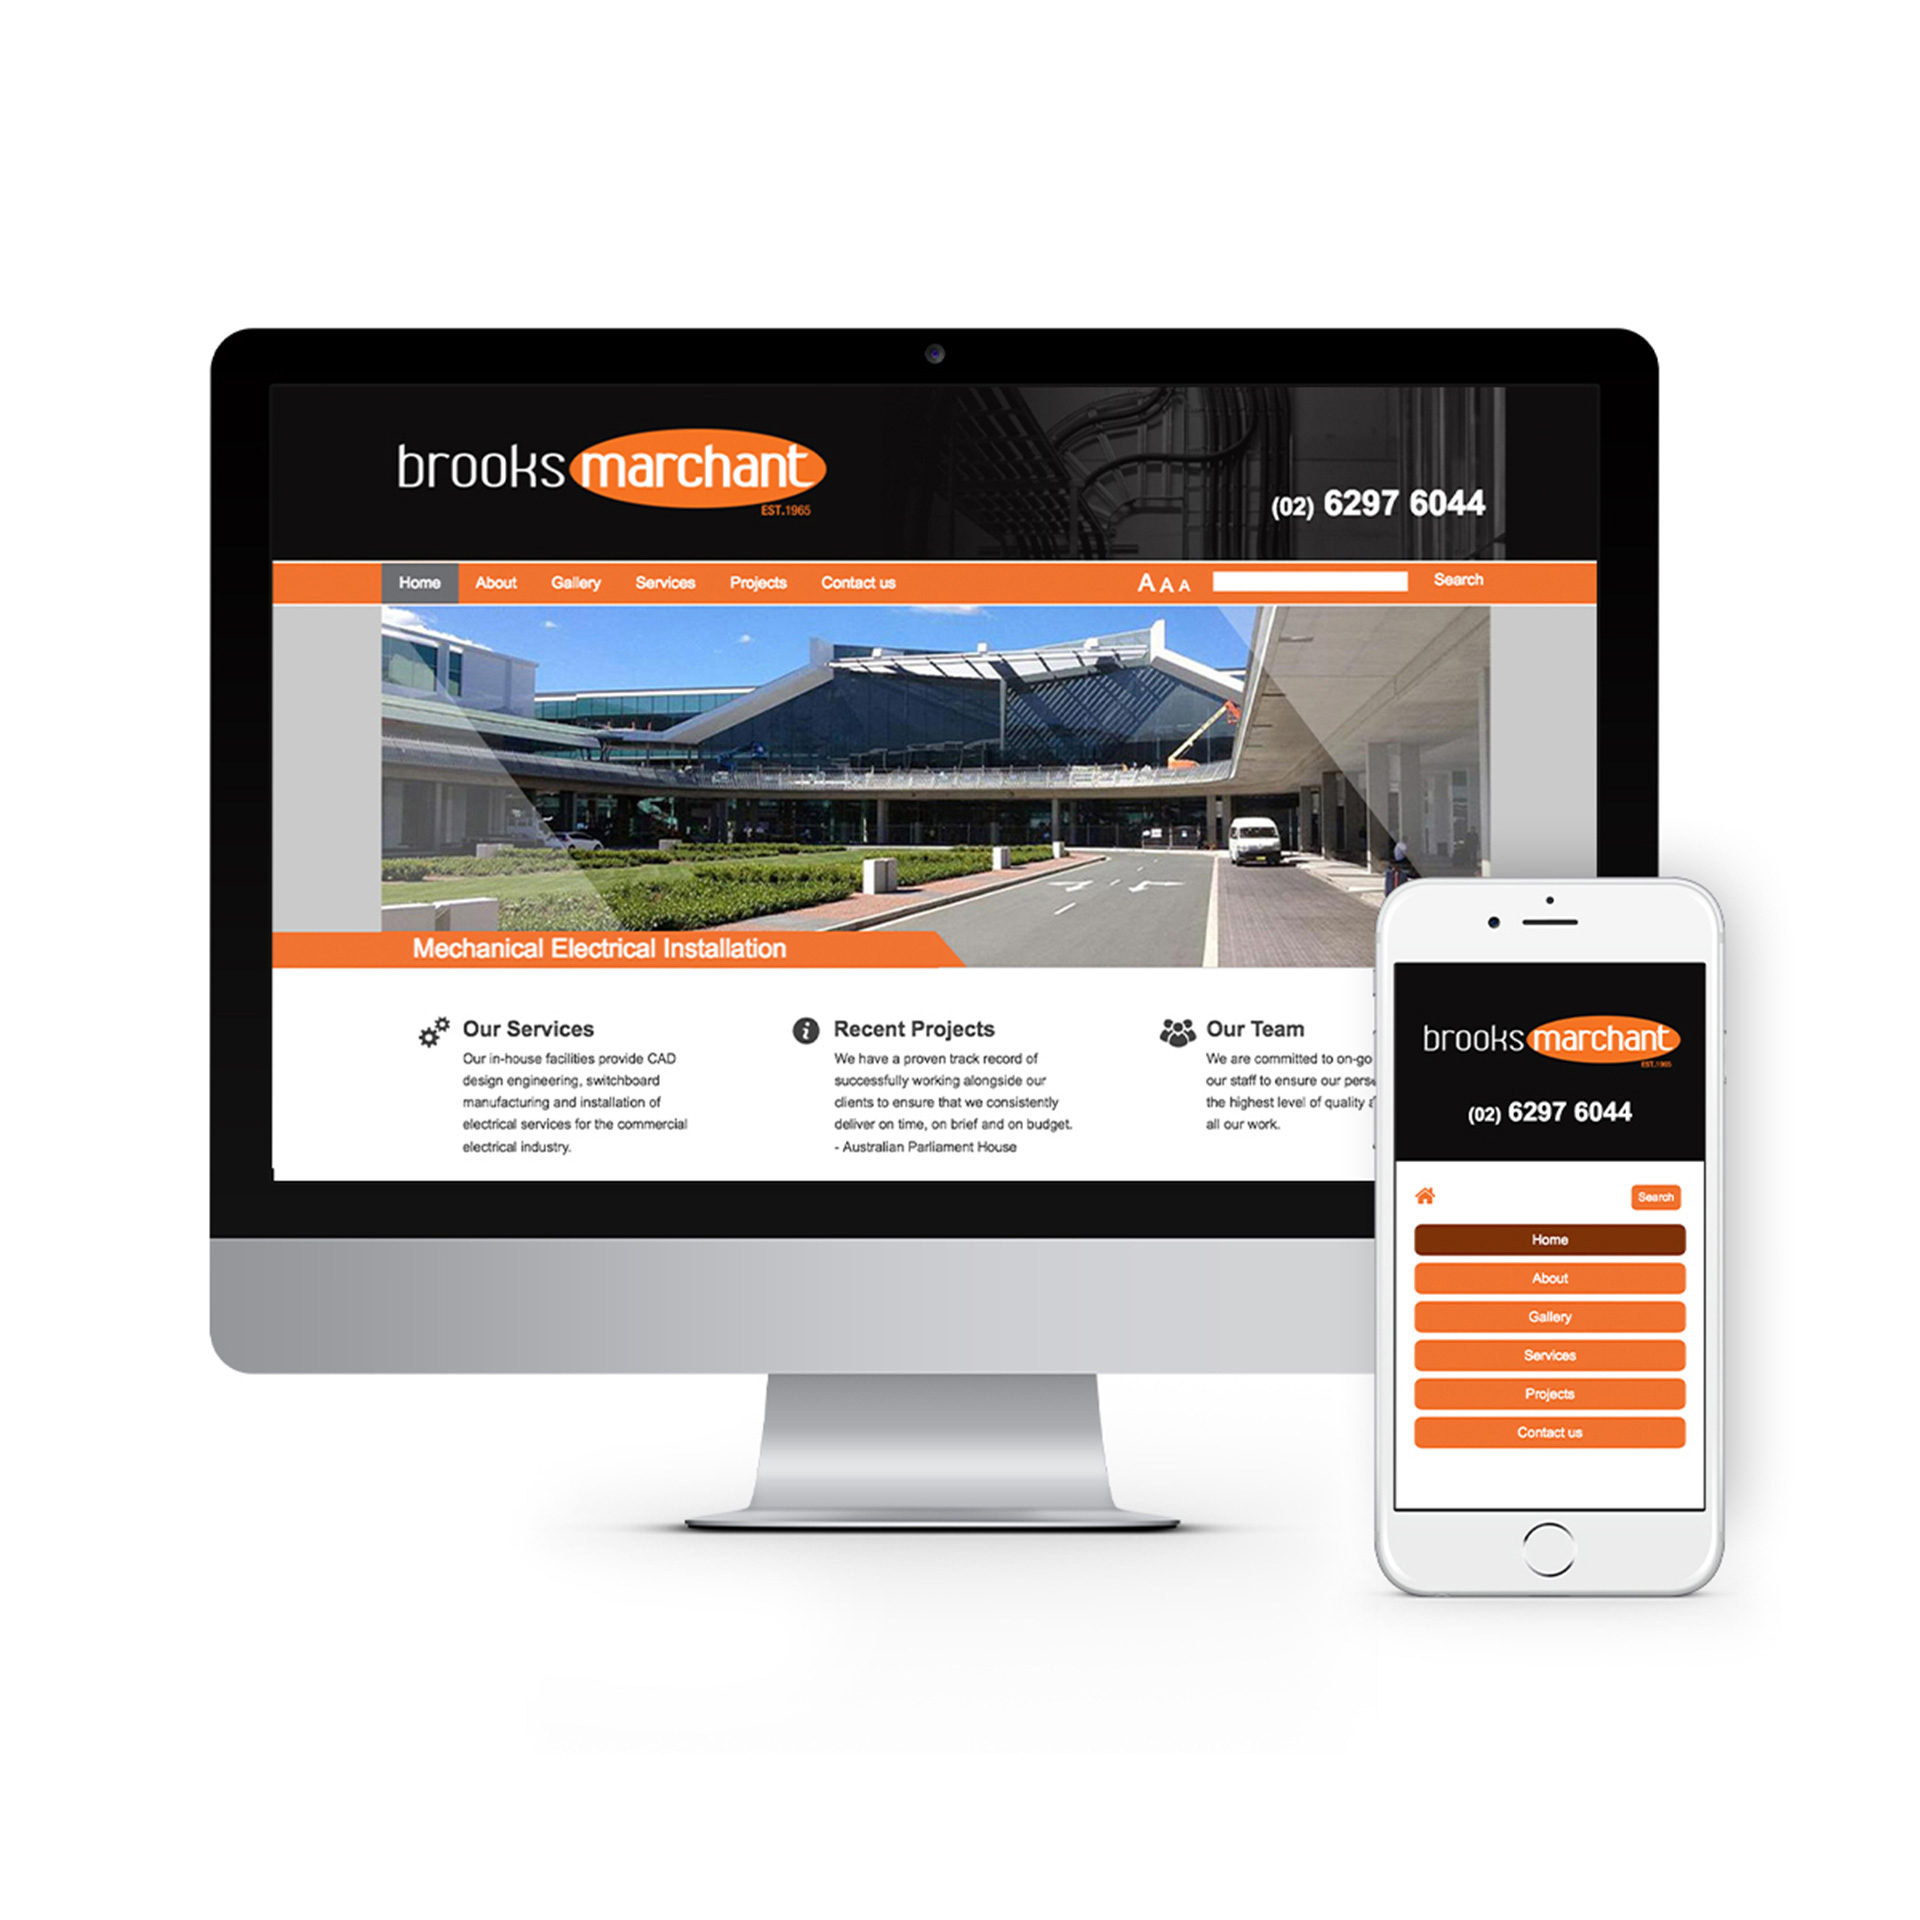 Brooks Marchant Canberra Website Design 2020